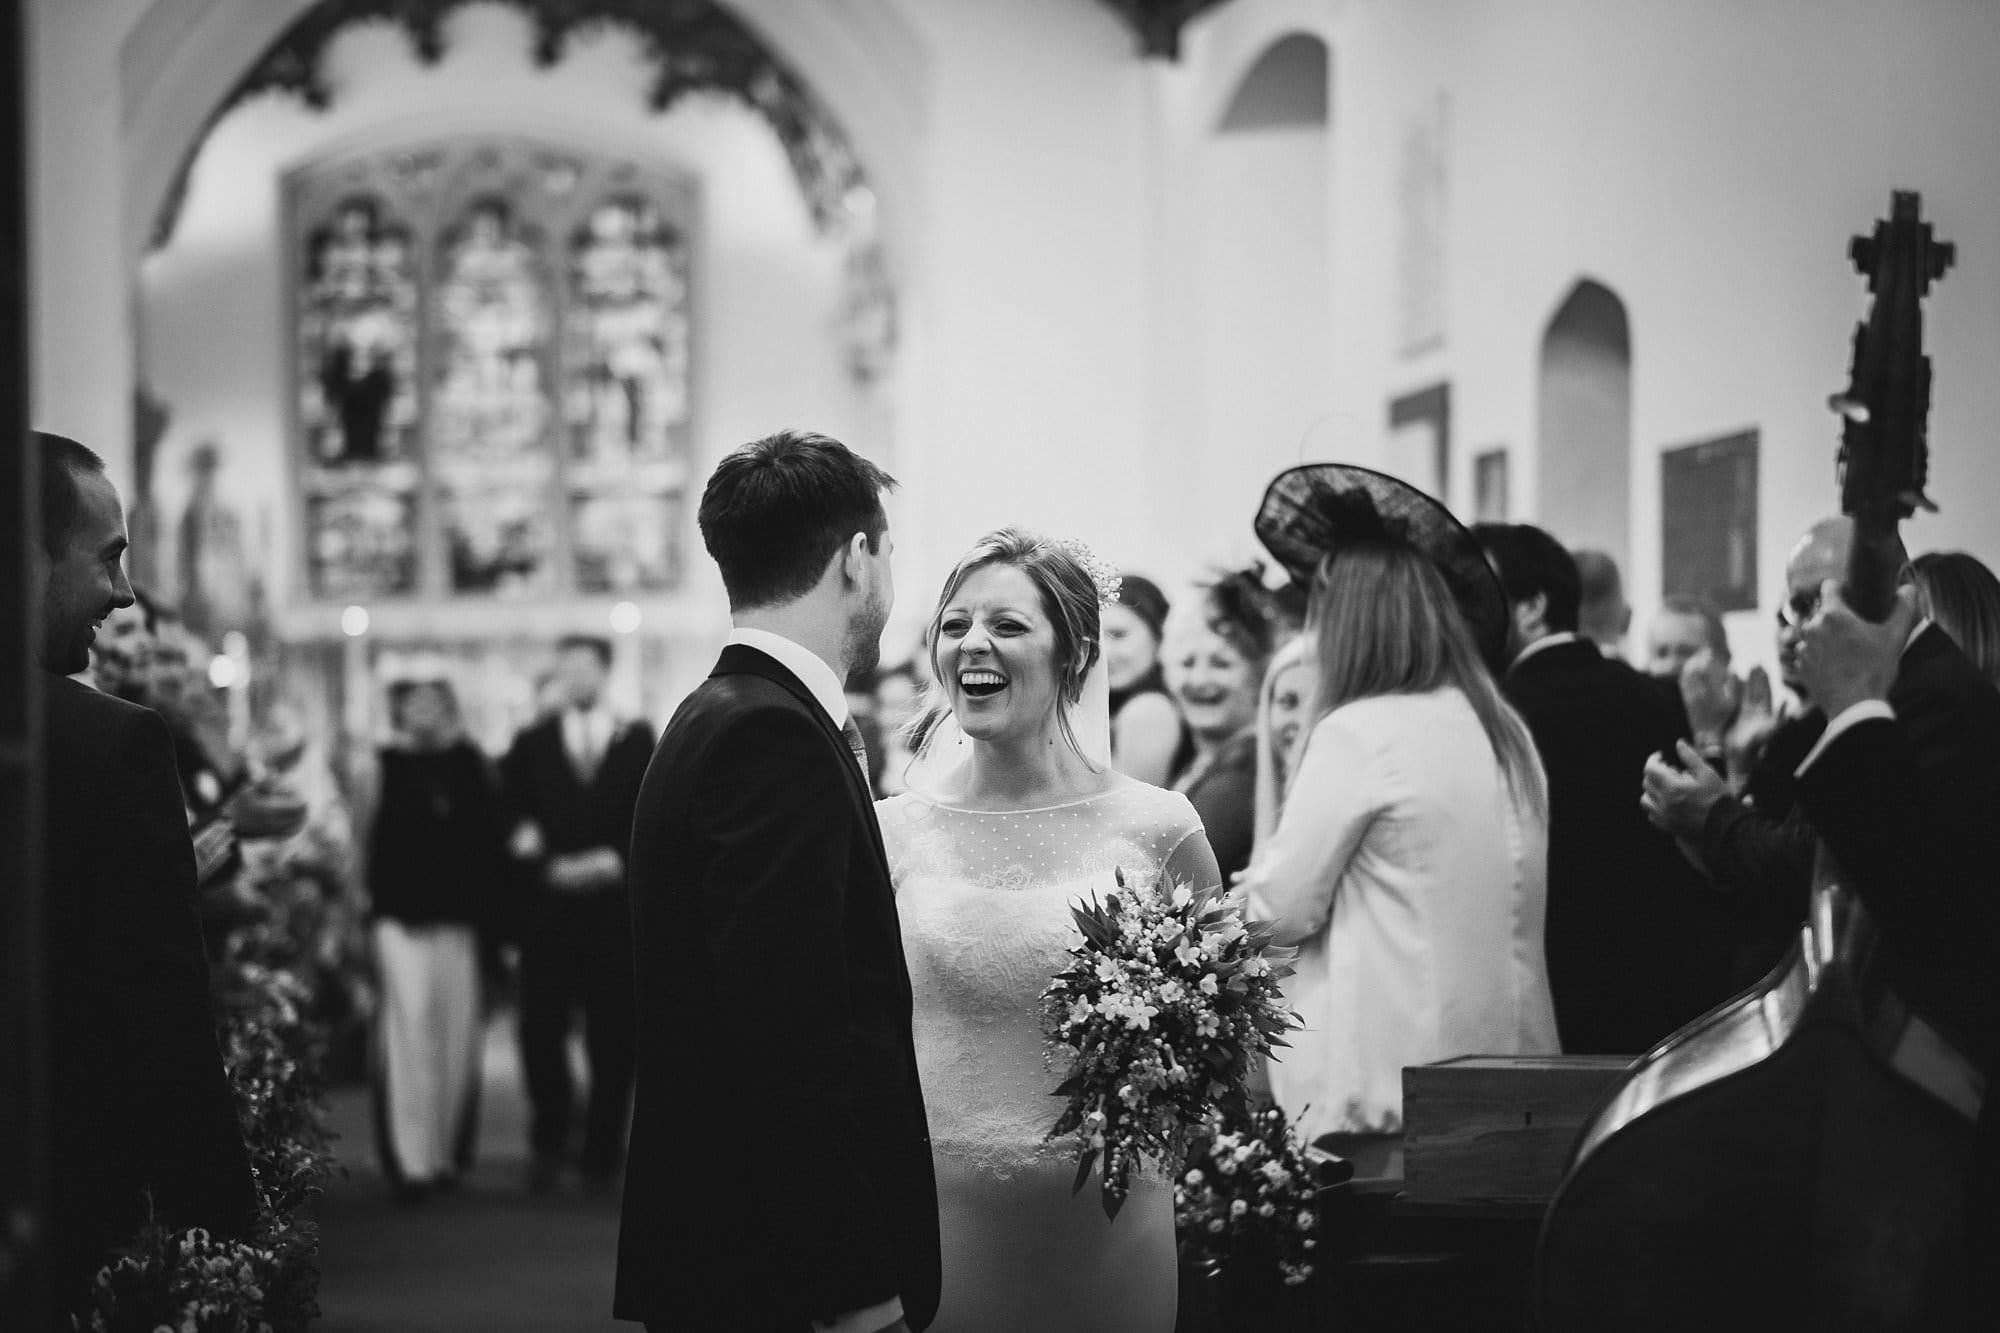 ashtead london wedding photographer 050 - Rachel & Jonny's Ashtead Wedding